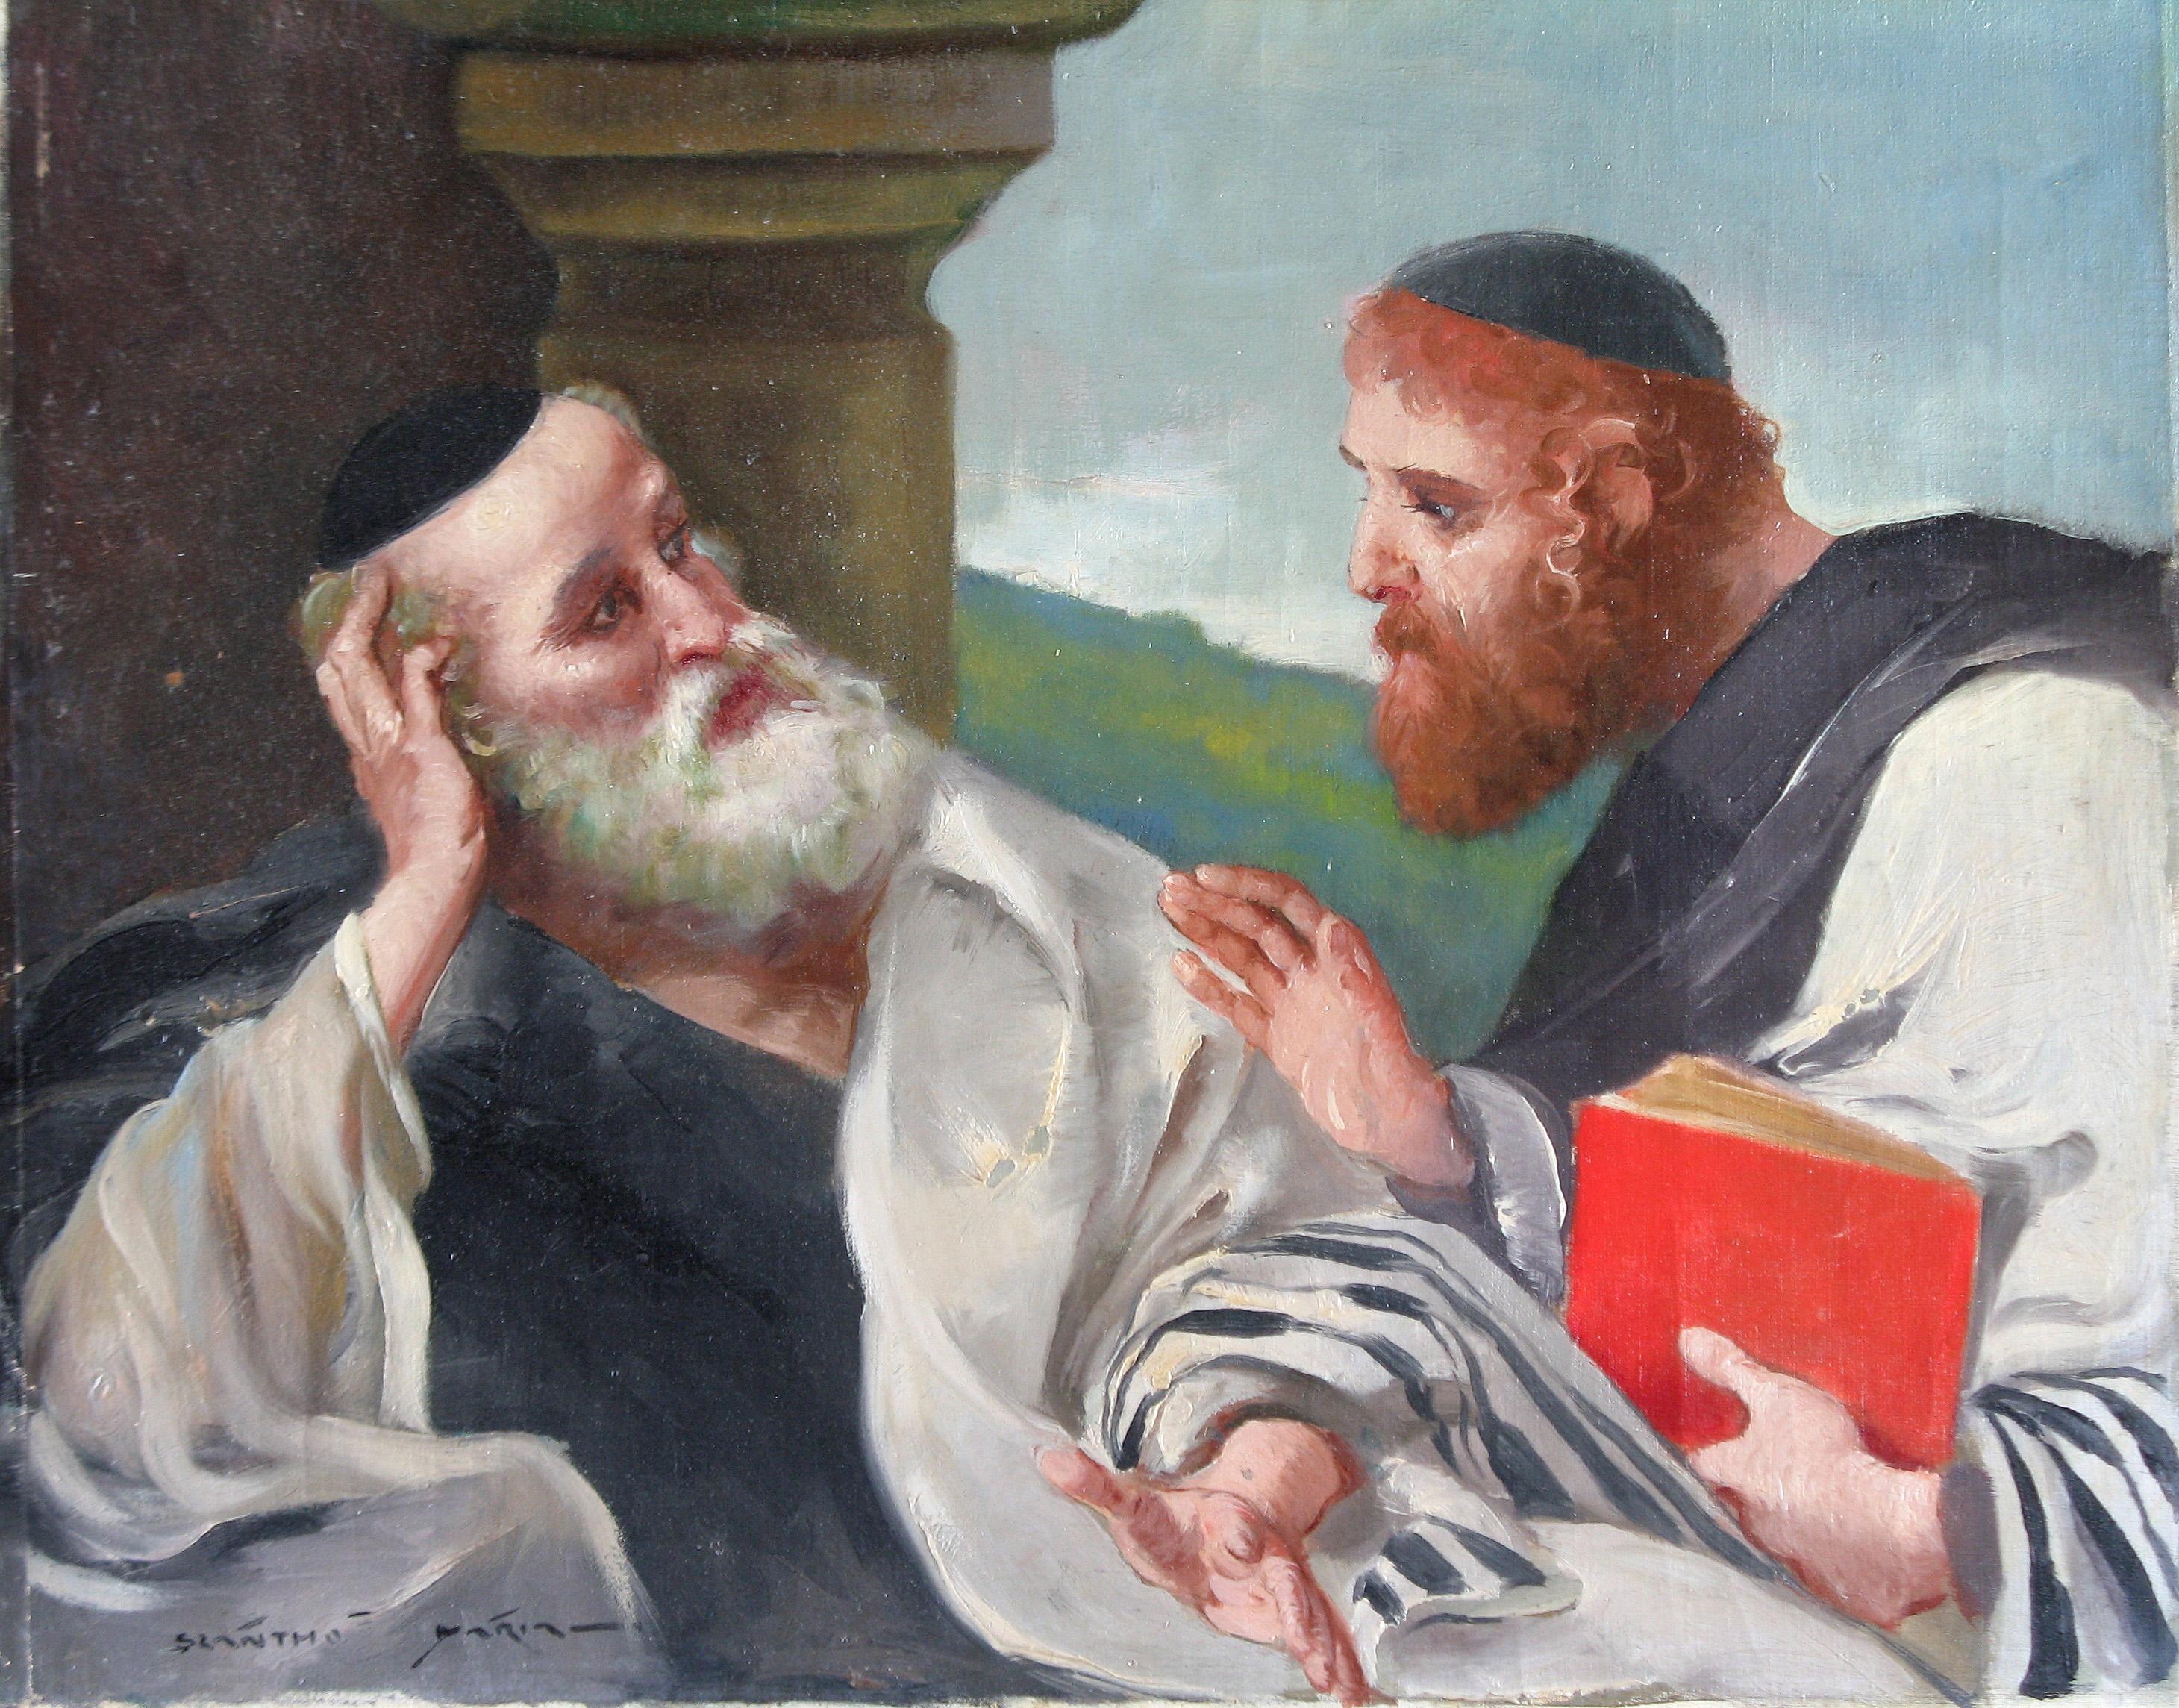 Pirkei Avot: The Misunderstood MasterpieceRabbi Meir Soloveichik - The  Tikvah Fund